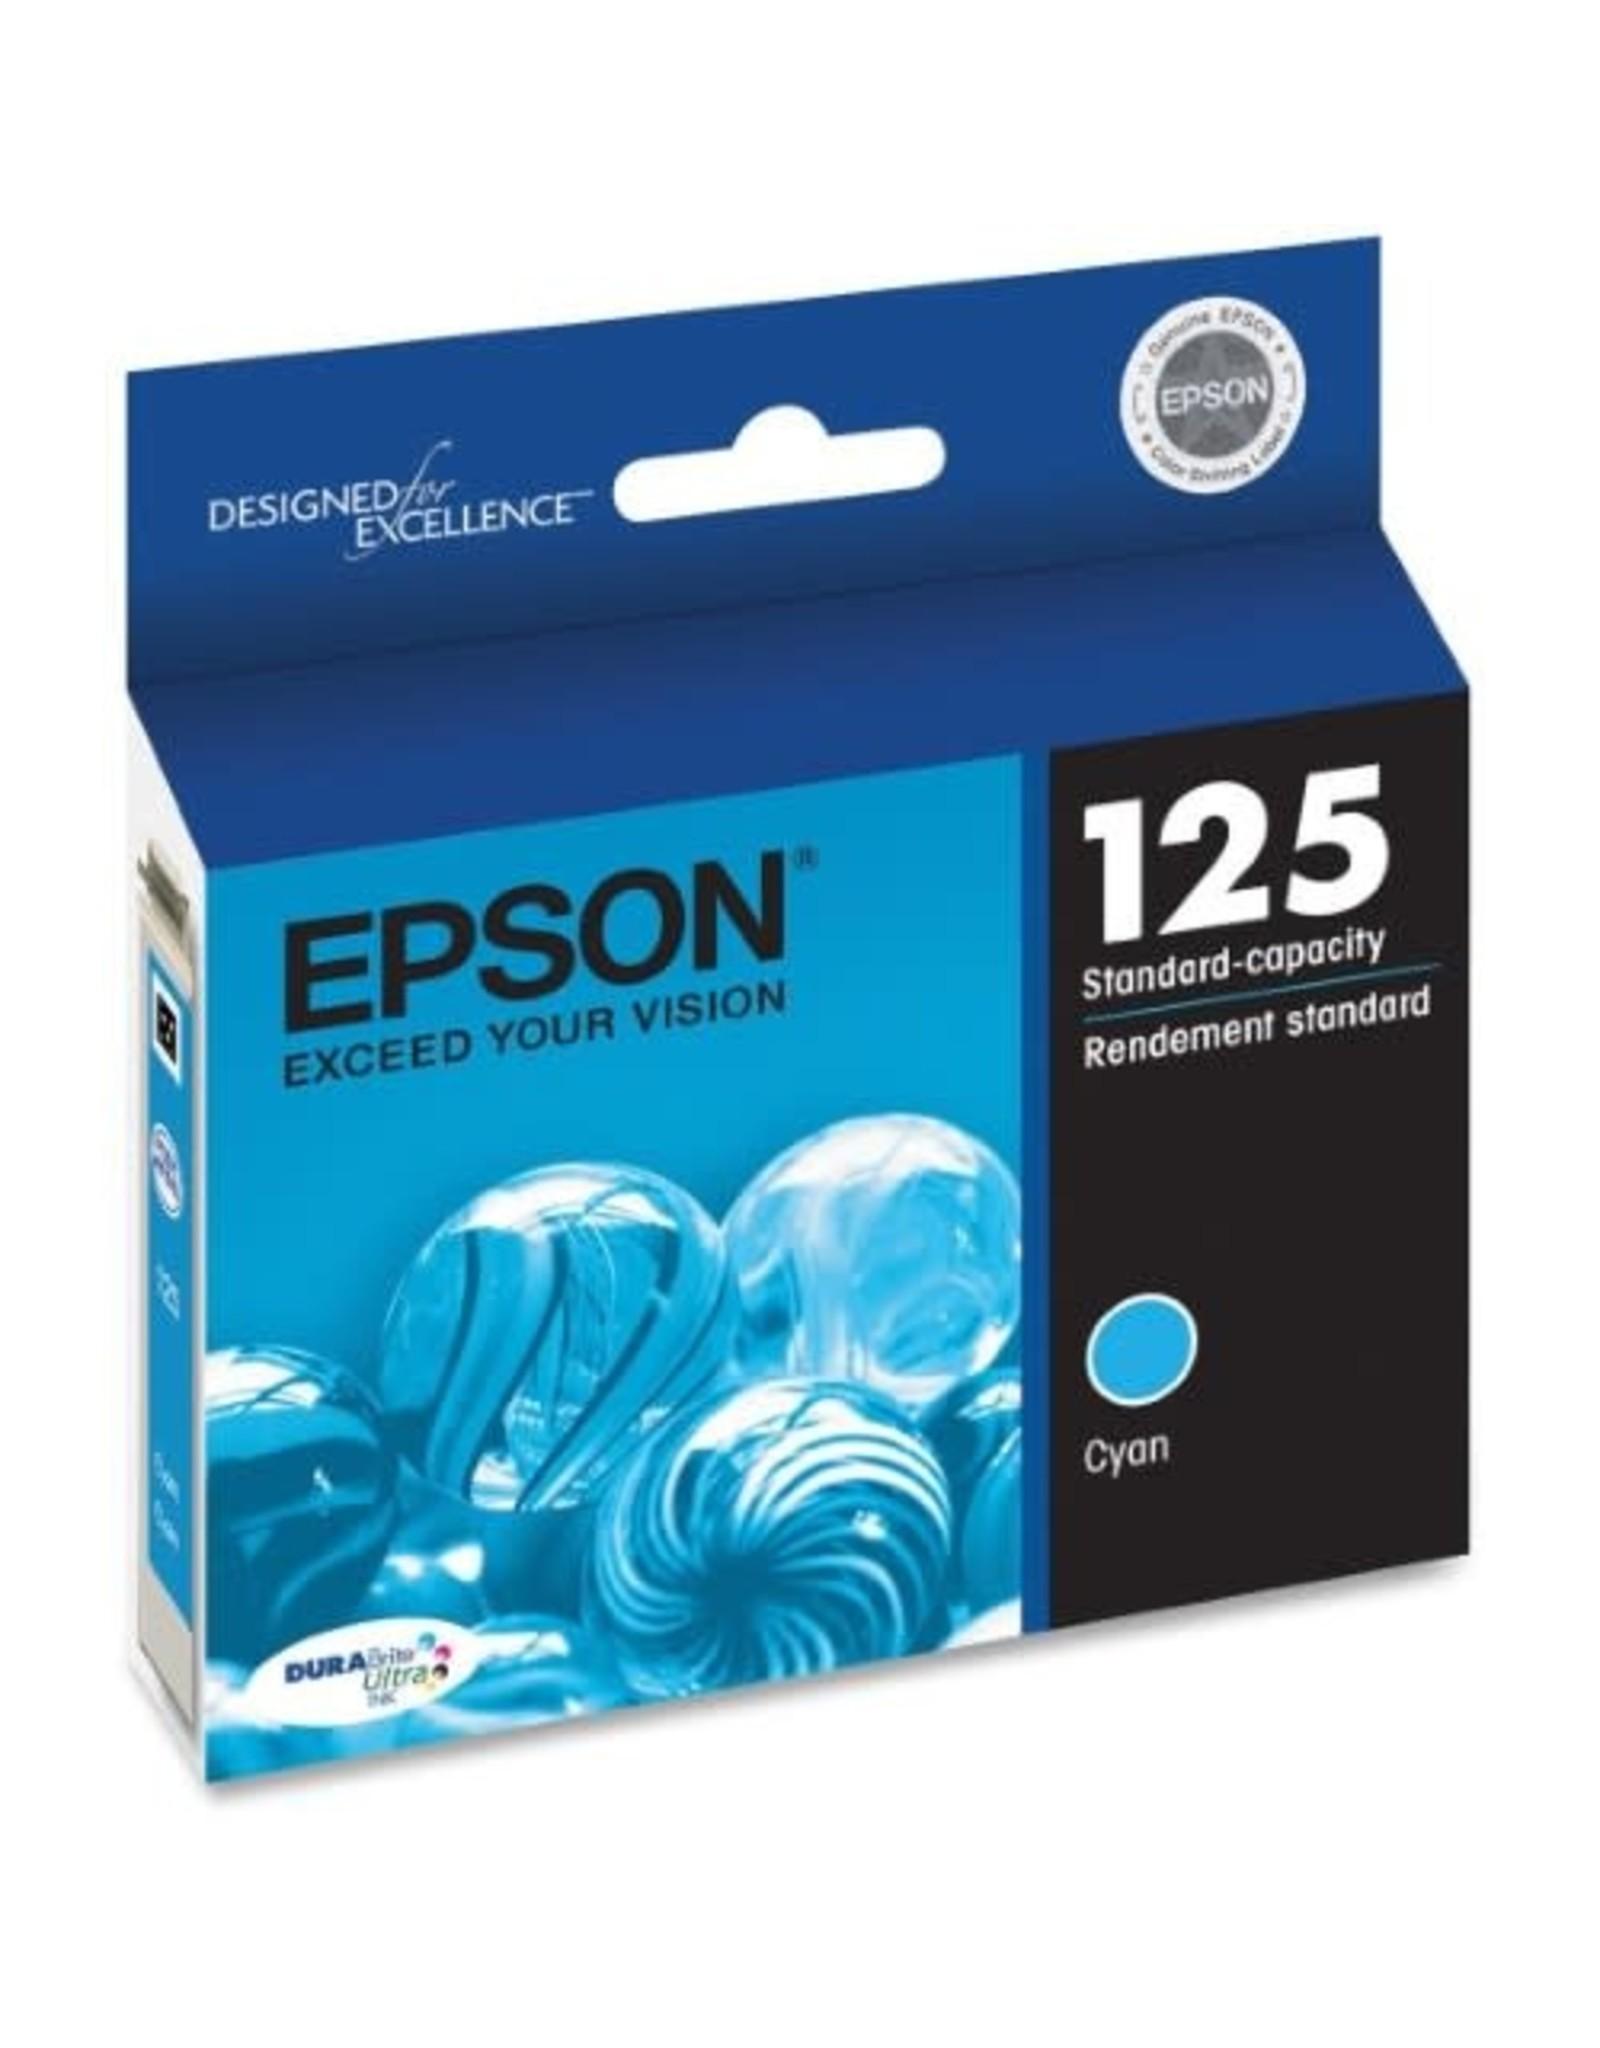 Epson INKJET CARTRIDGE-EPSON #125 CYAN